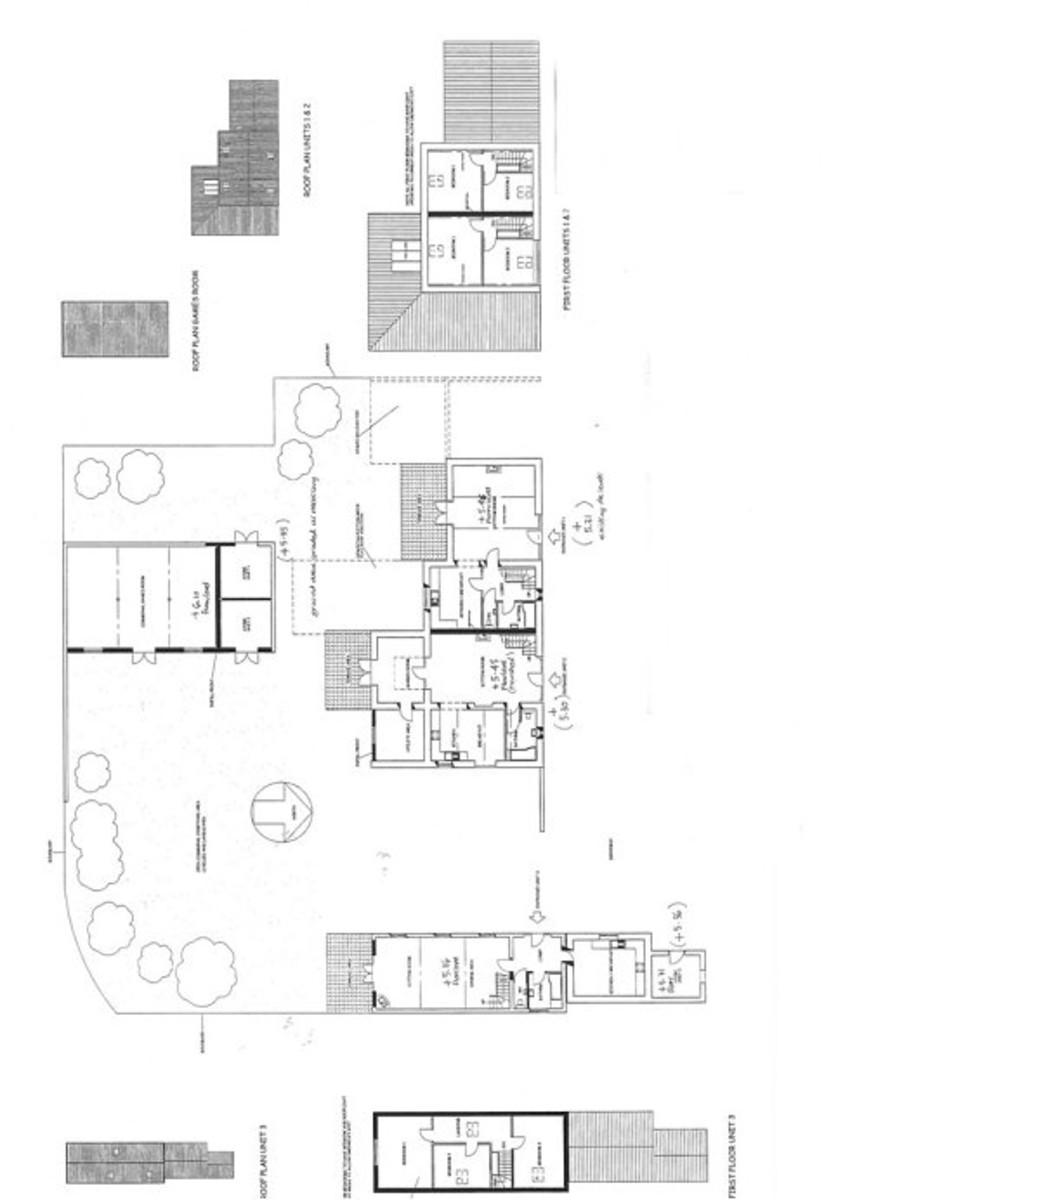 South Beach Road, Heacham Floorplan